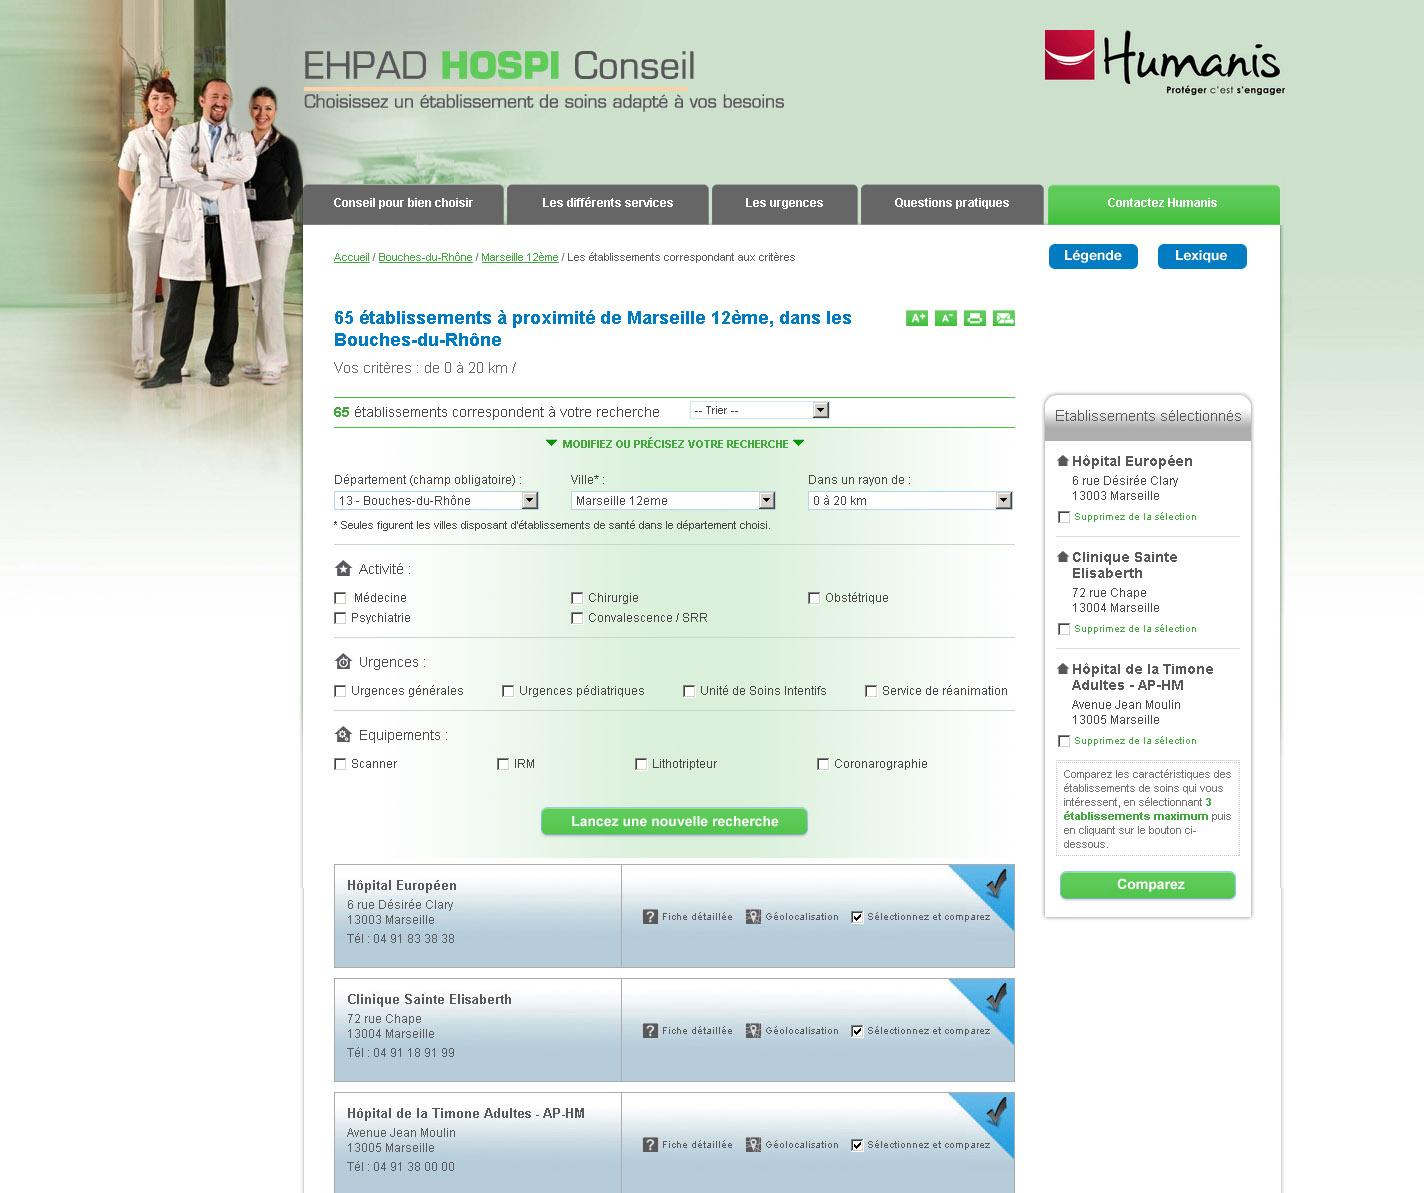 Comparateur d'hôpitaux - Recherche avancée